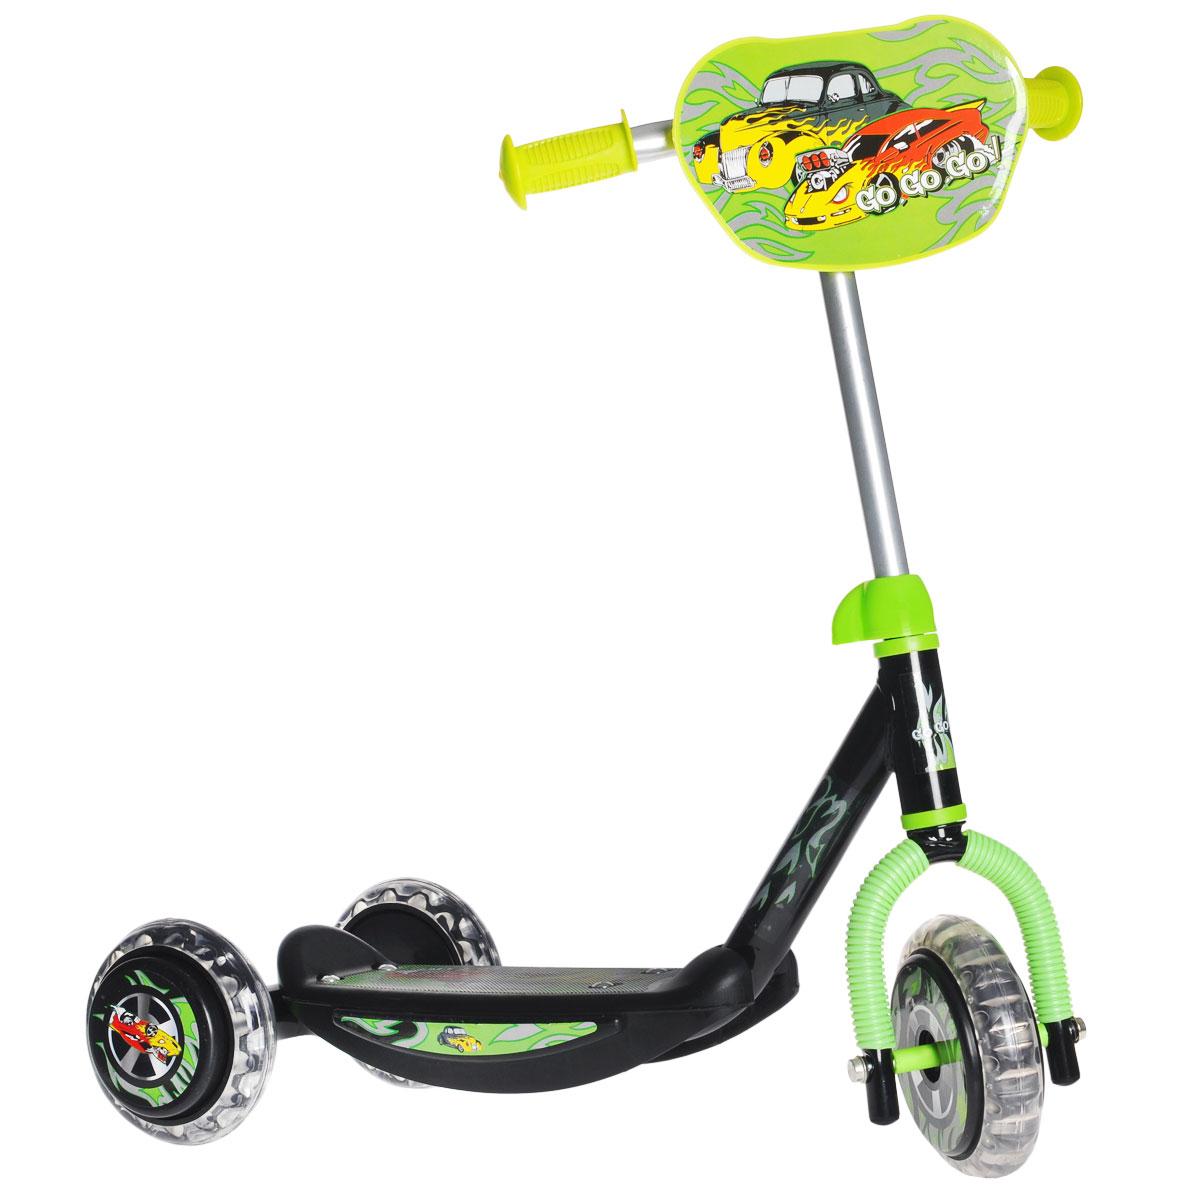 Самокат детский трехколесный Charming Sports, цвет: зеленый